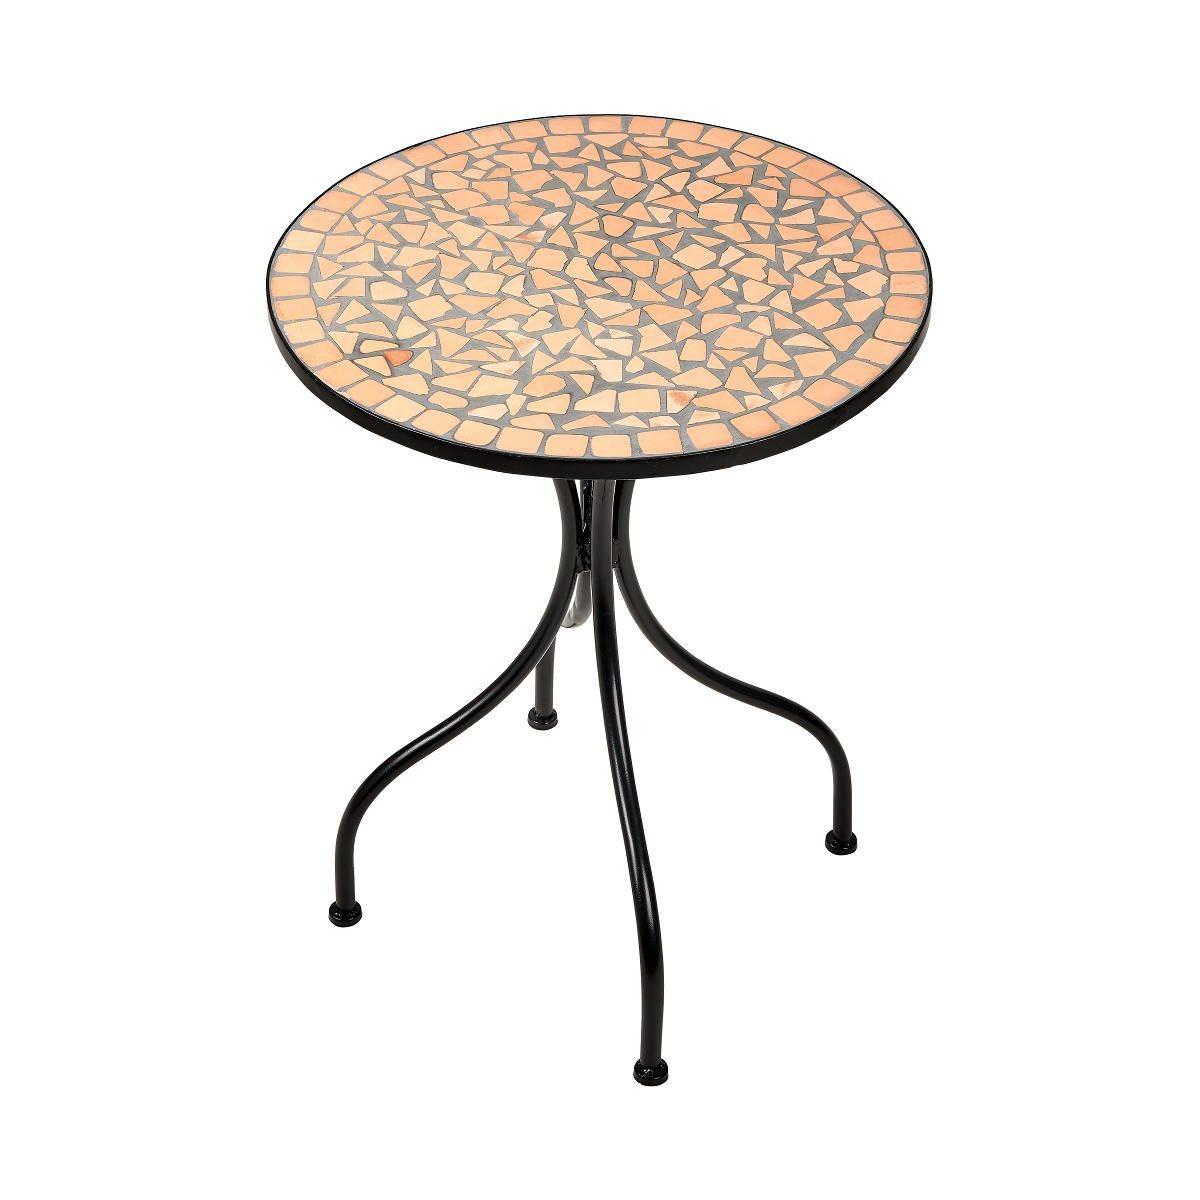 PALAZZO »Bistrotisch Terracotta Ø 55 cm«